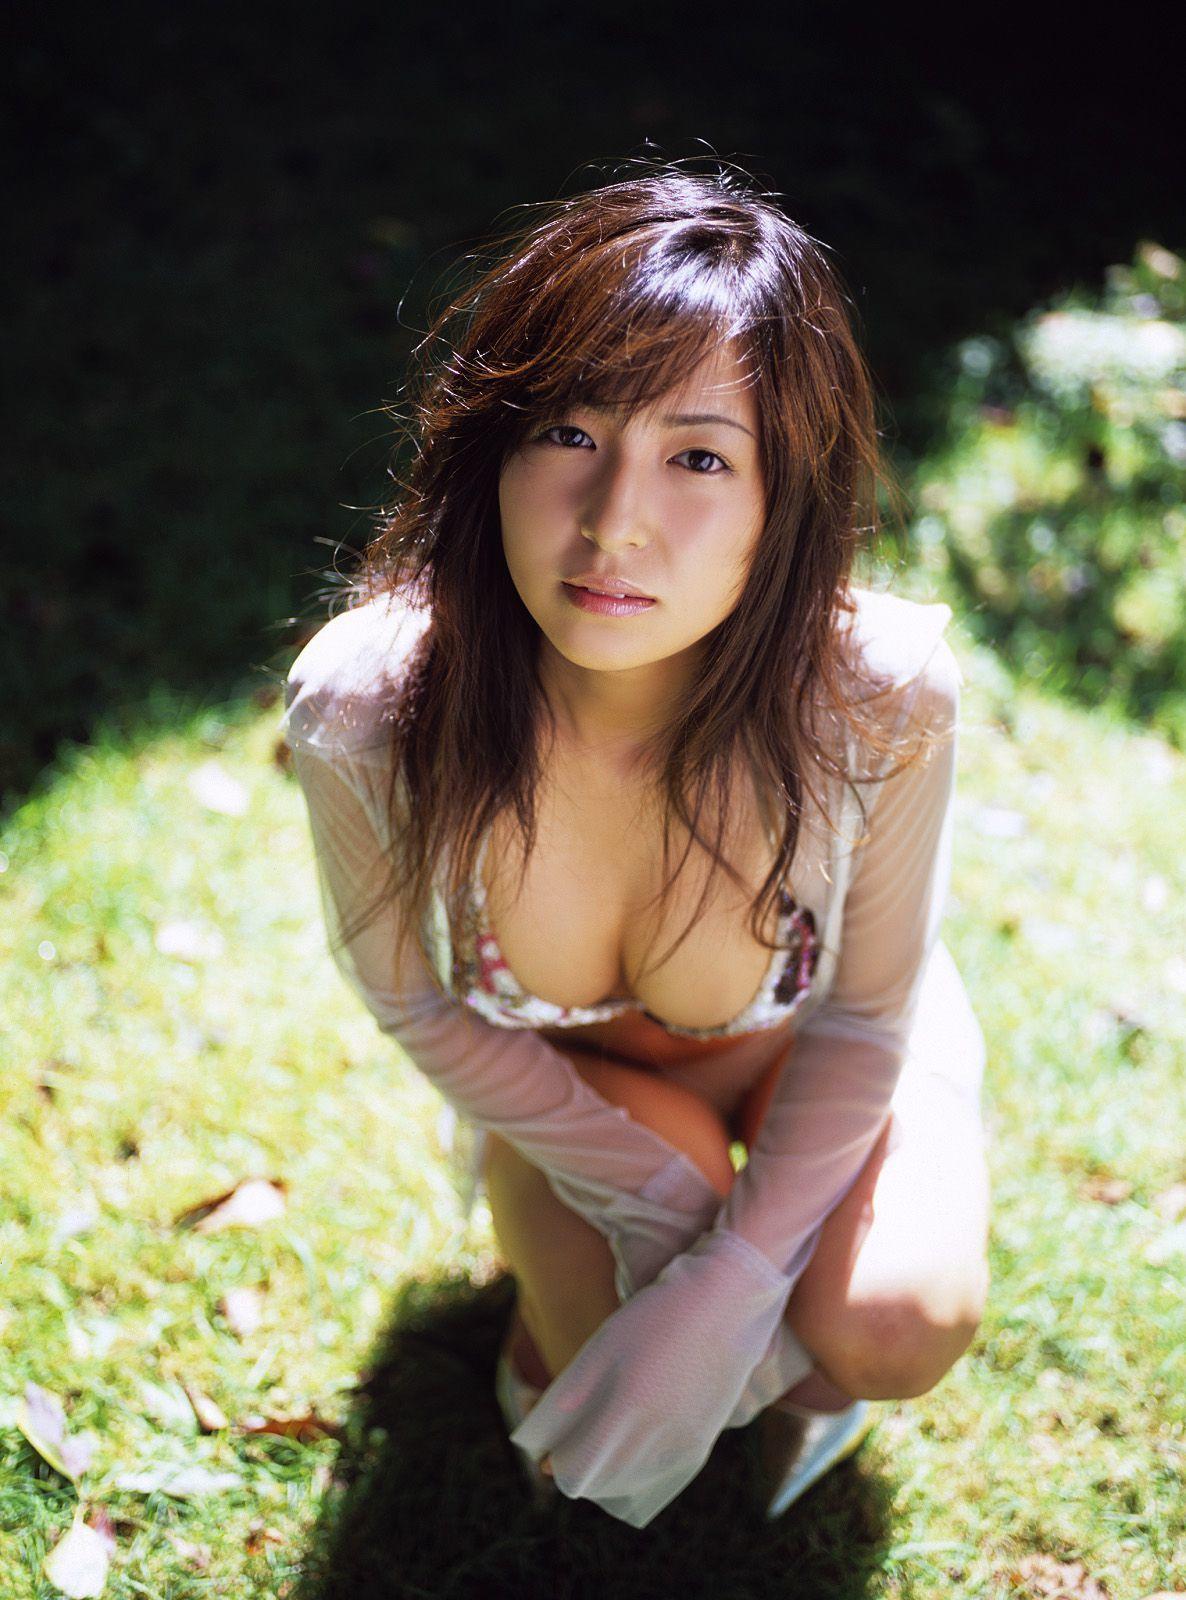 [NS Eyes] SF-No.368 Meguru Ishii 石井めぐる 写真集1